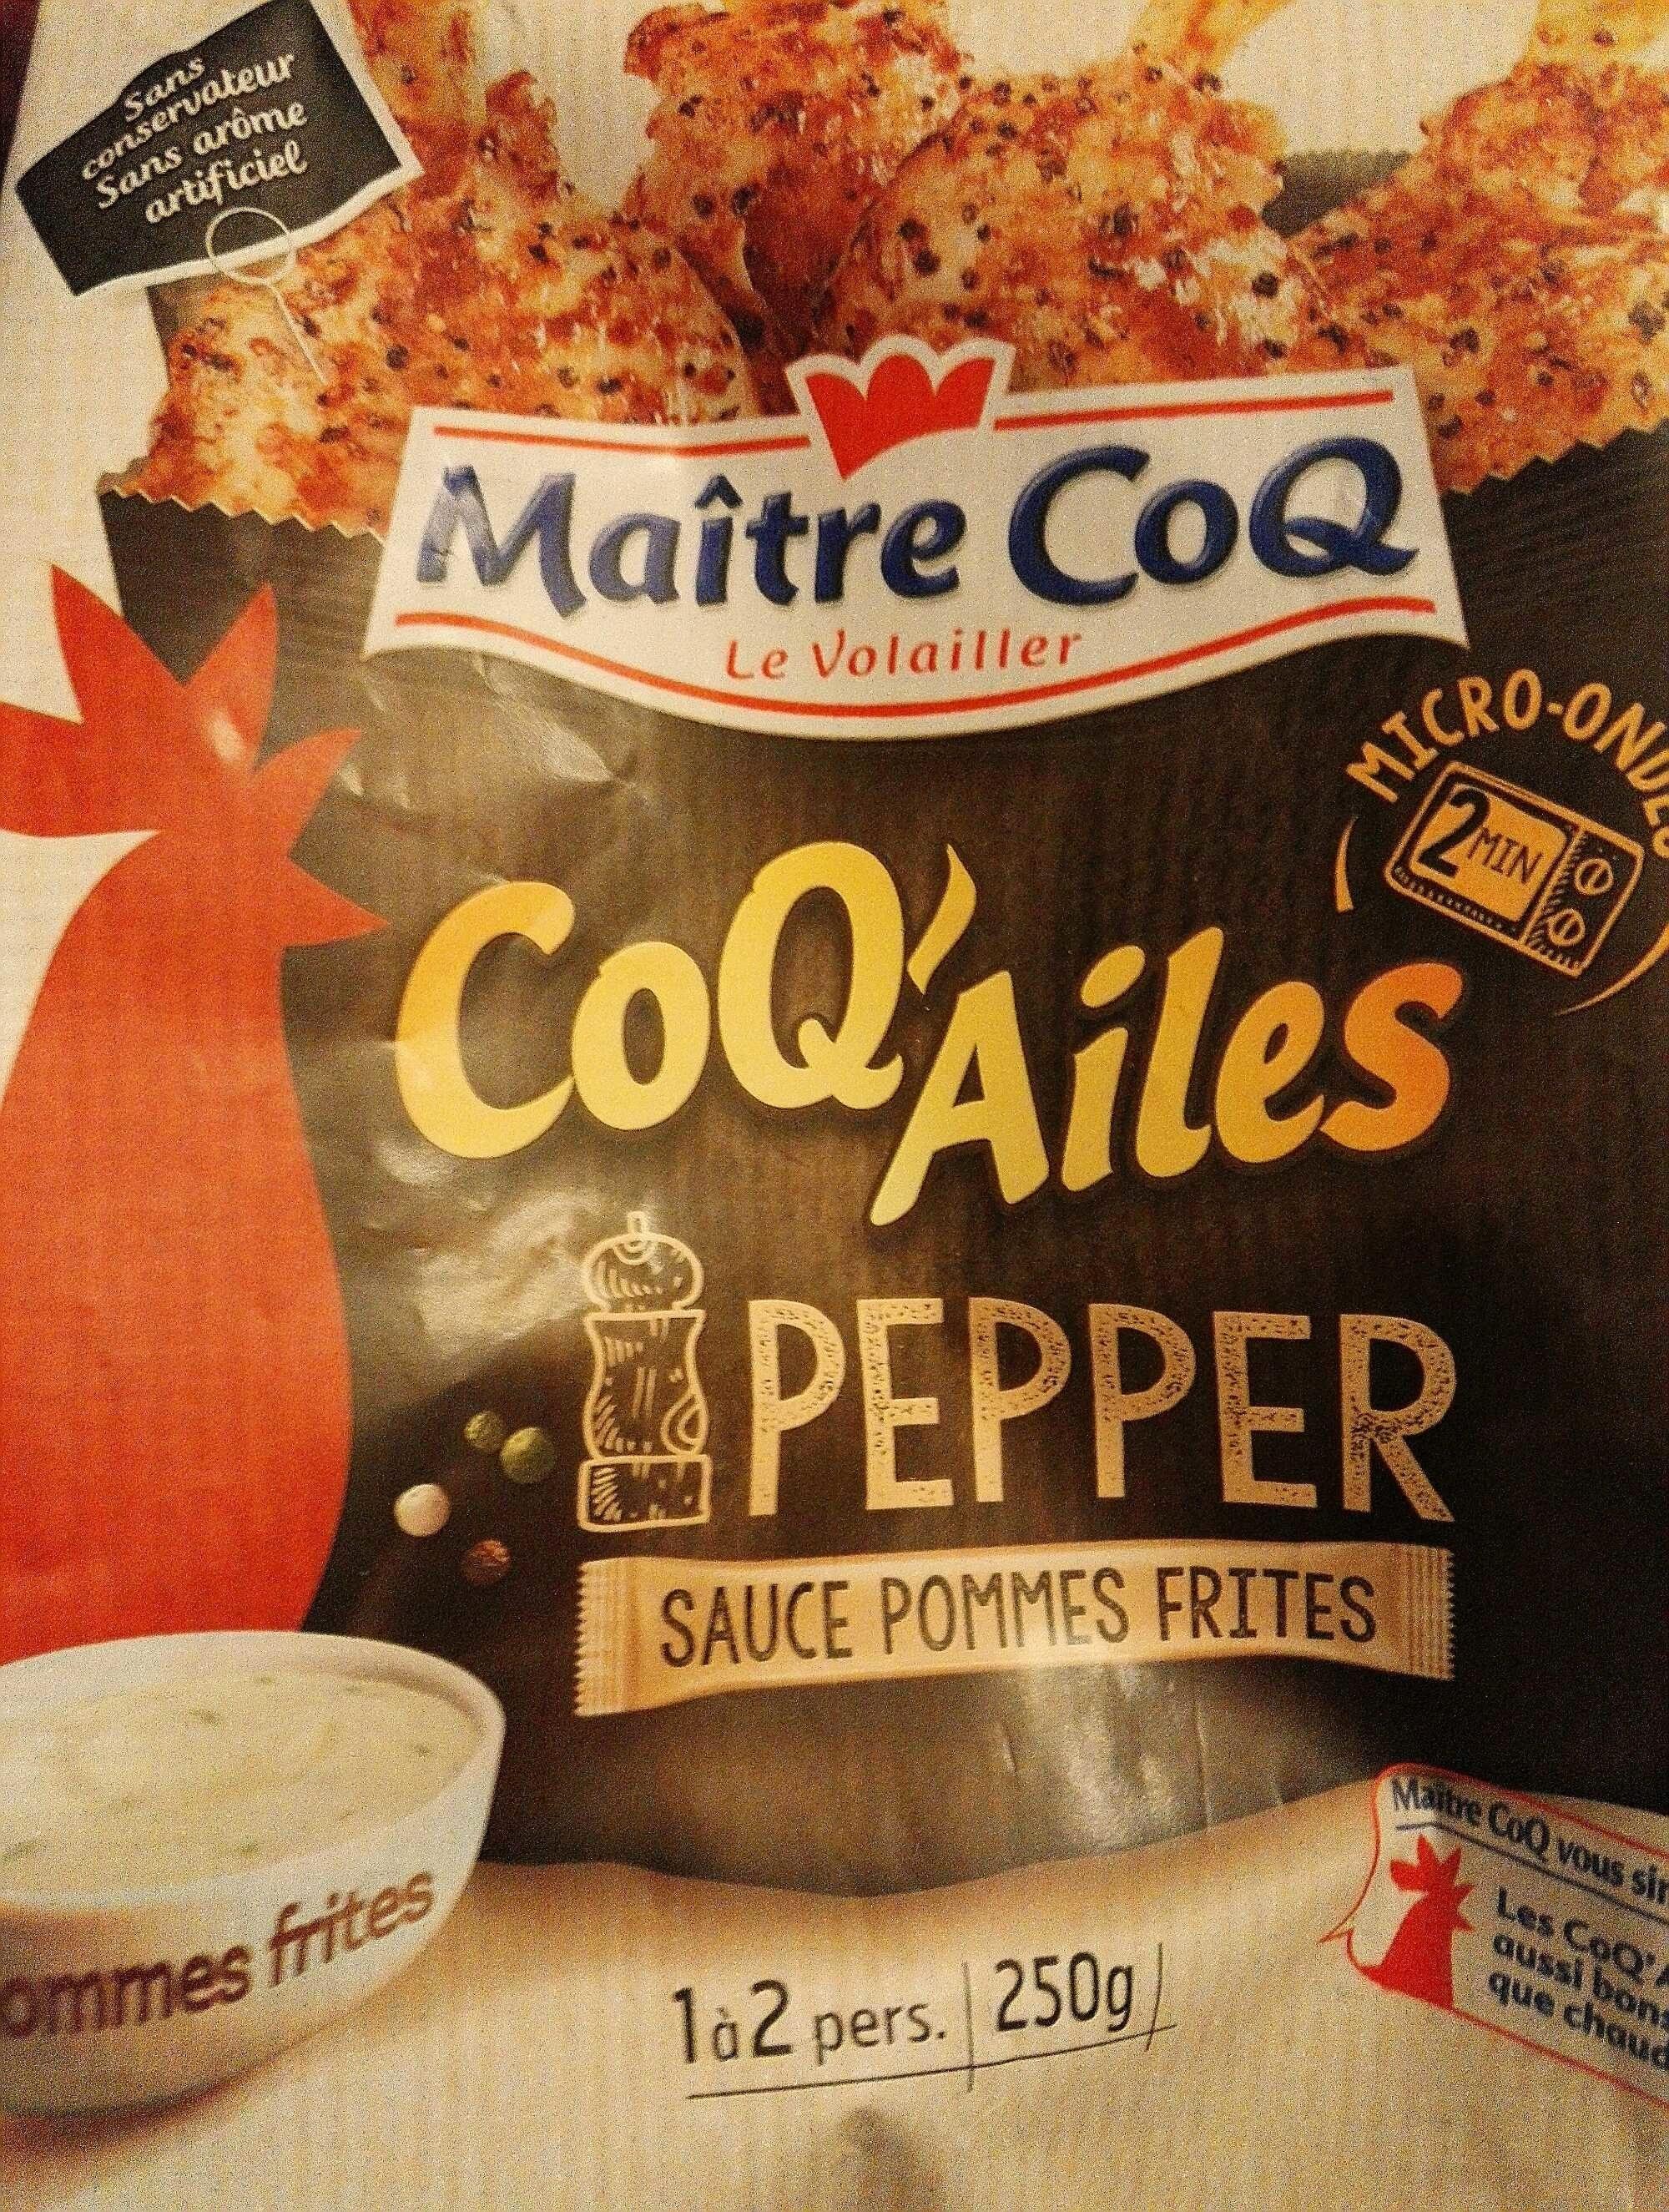 Manchons de poulet marinés 3 poivres, rôtis et sa coupelle de sauce pommes frites, MAITRE COQ,... - Product - fr